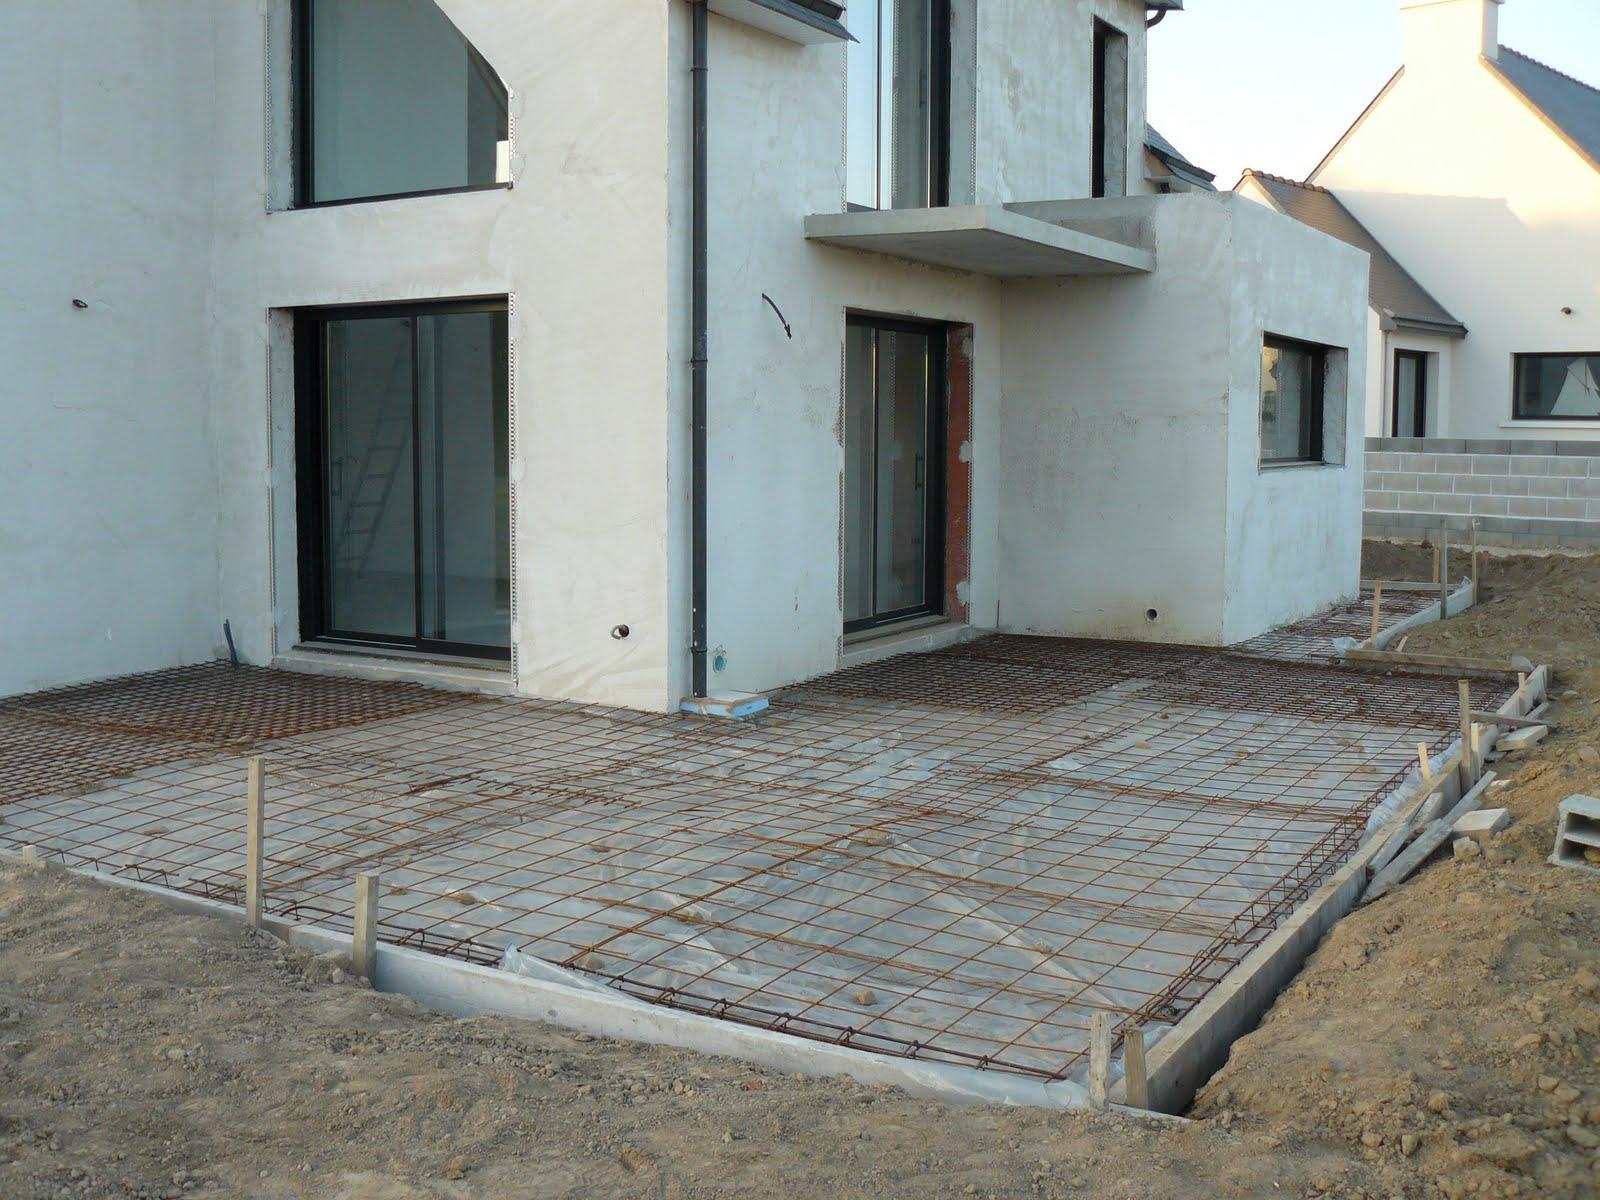 comment etancher une terrasse beton comment etancher une terrasse beton comment tancher une. Black Bedroom Furniture Sets. Home Design Ideas